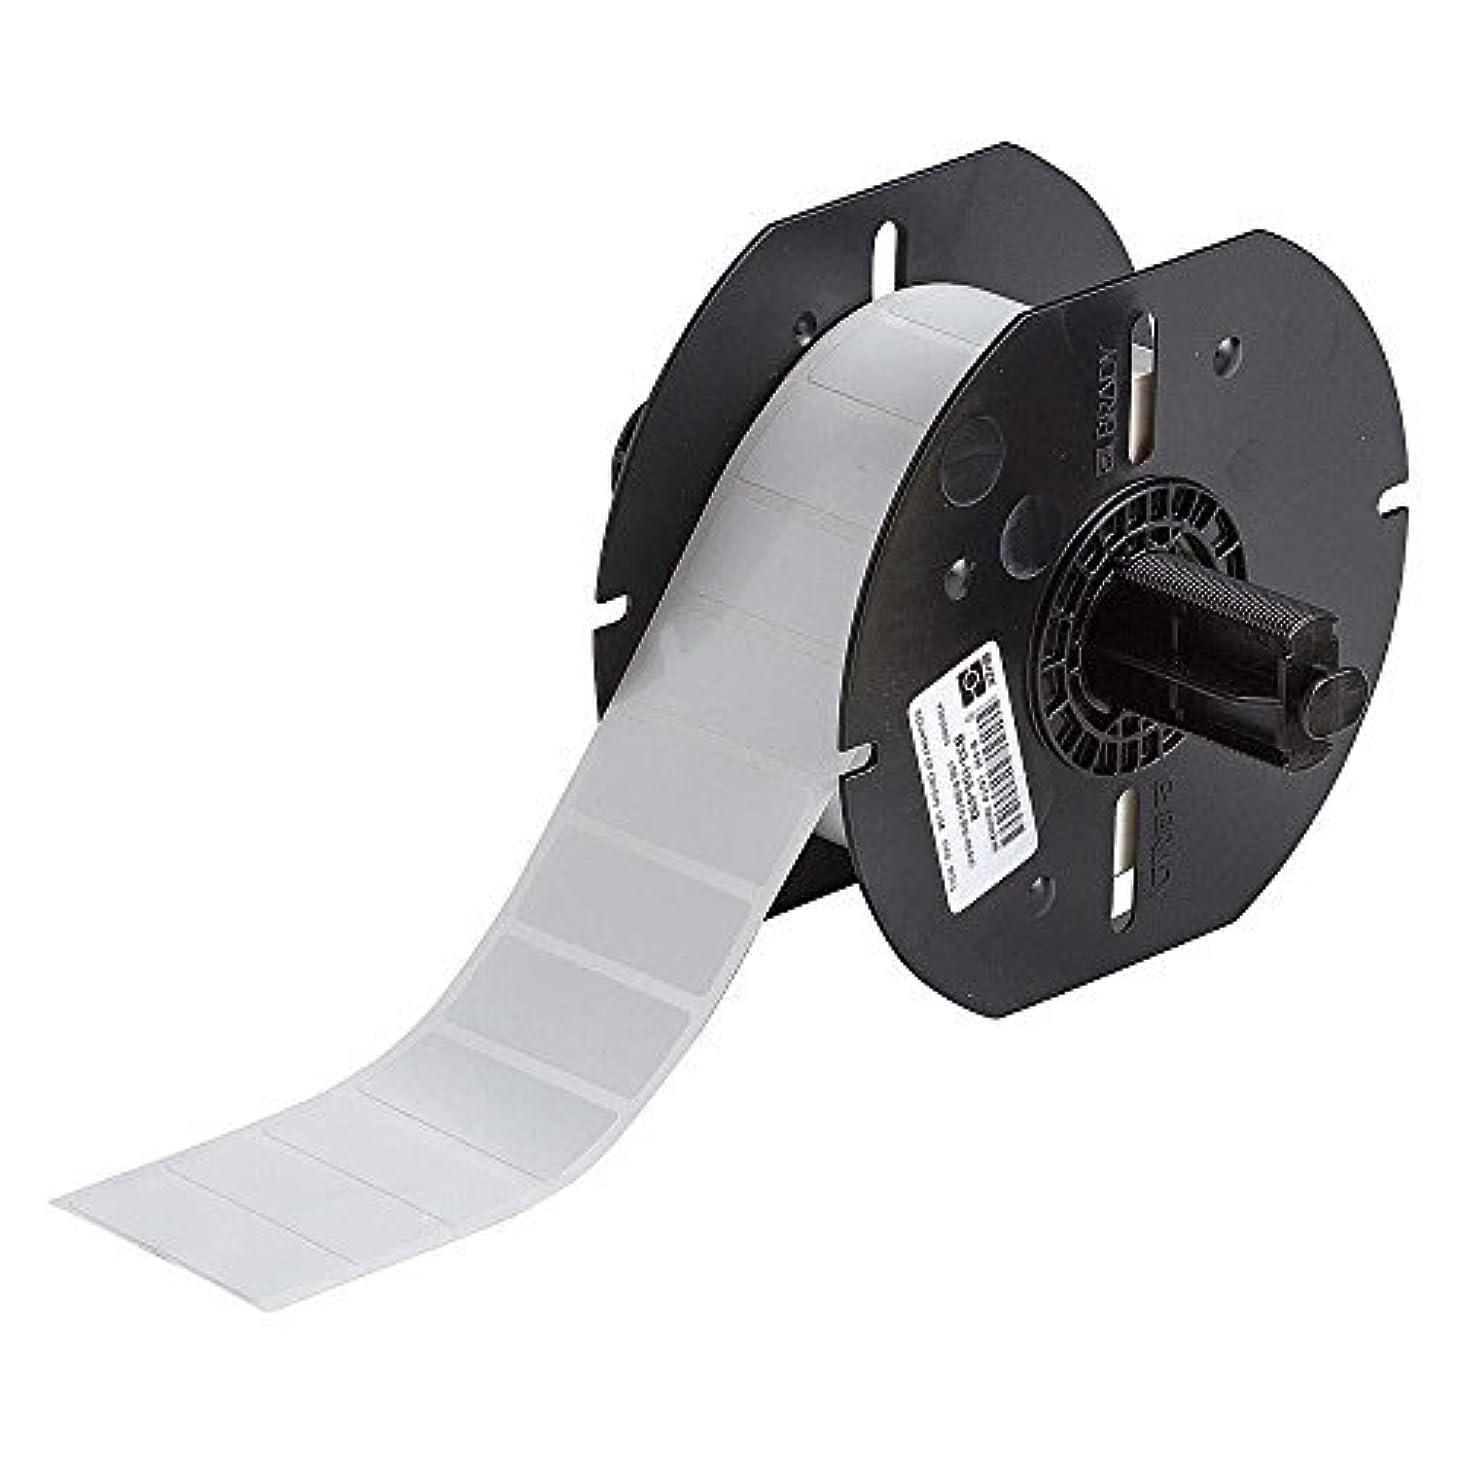 どれ竜巻なにBrady B33-155-492 Label Freezerbondz II Polyester 0.600 H x 1.625 W White 1500/Roll(Pack of 1500) [並行輸入品]